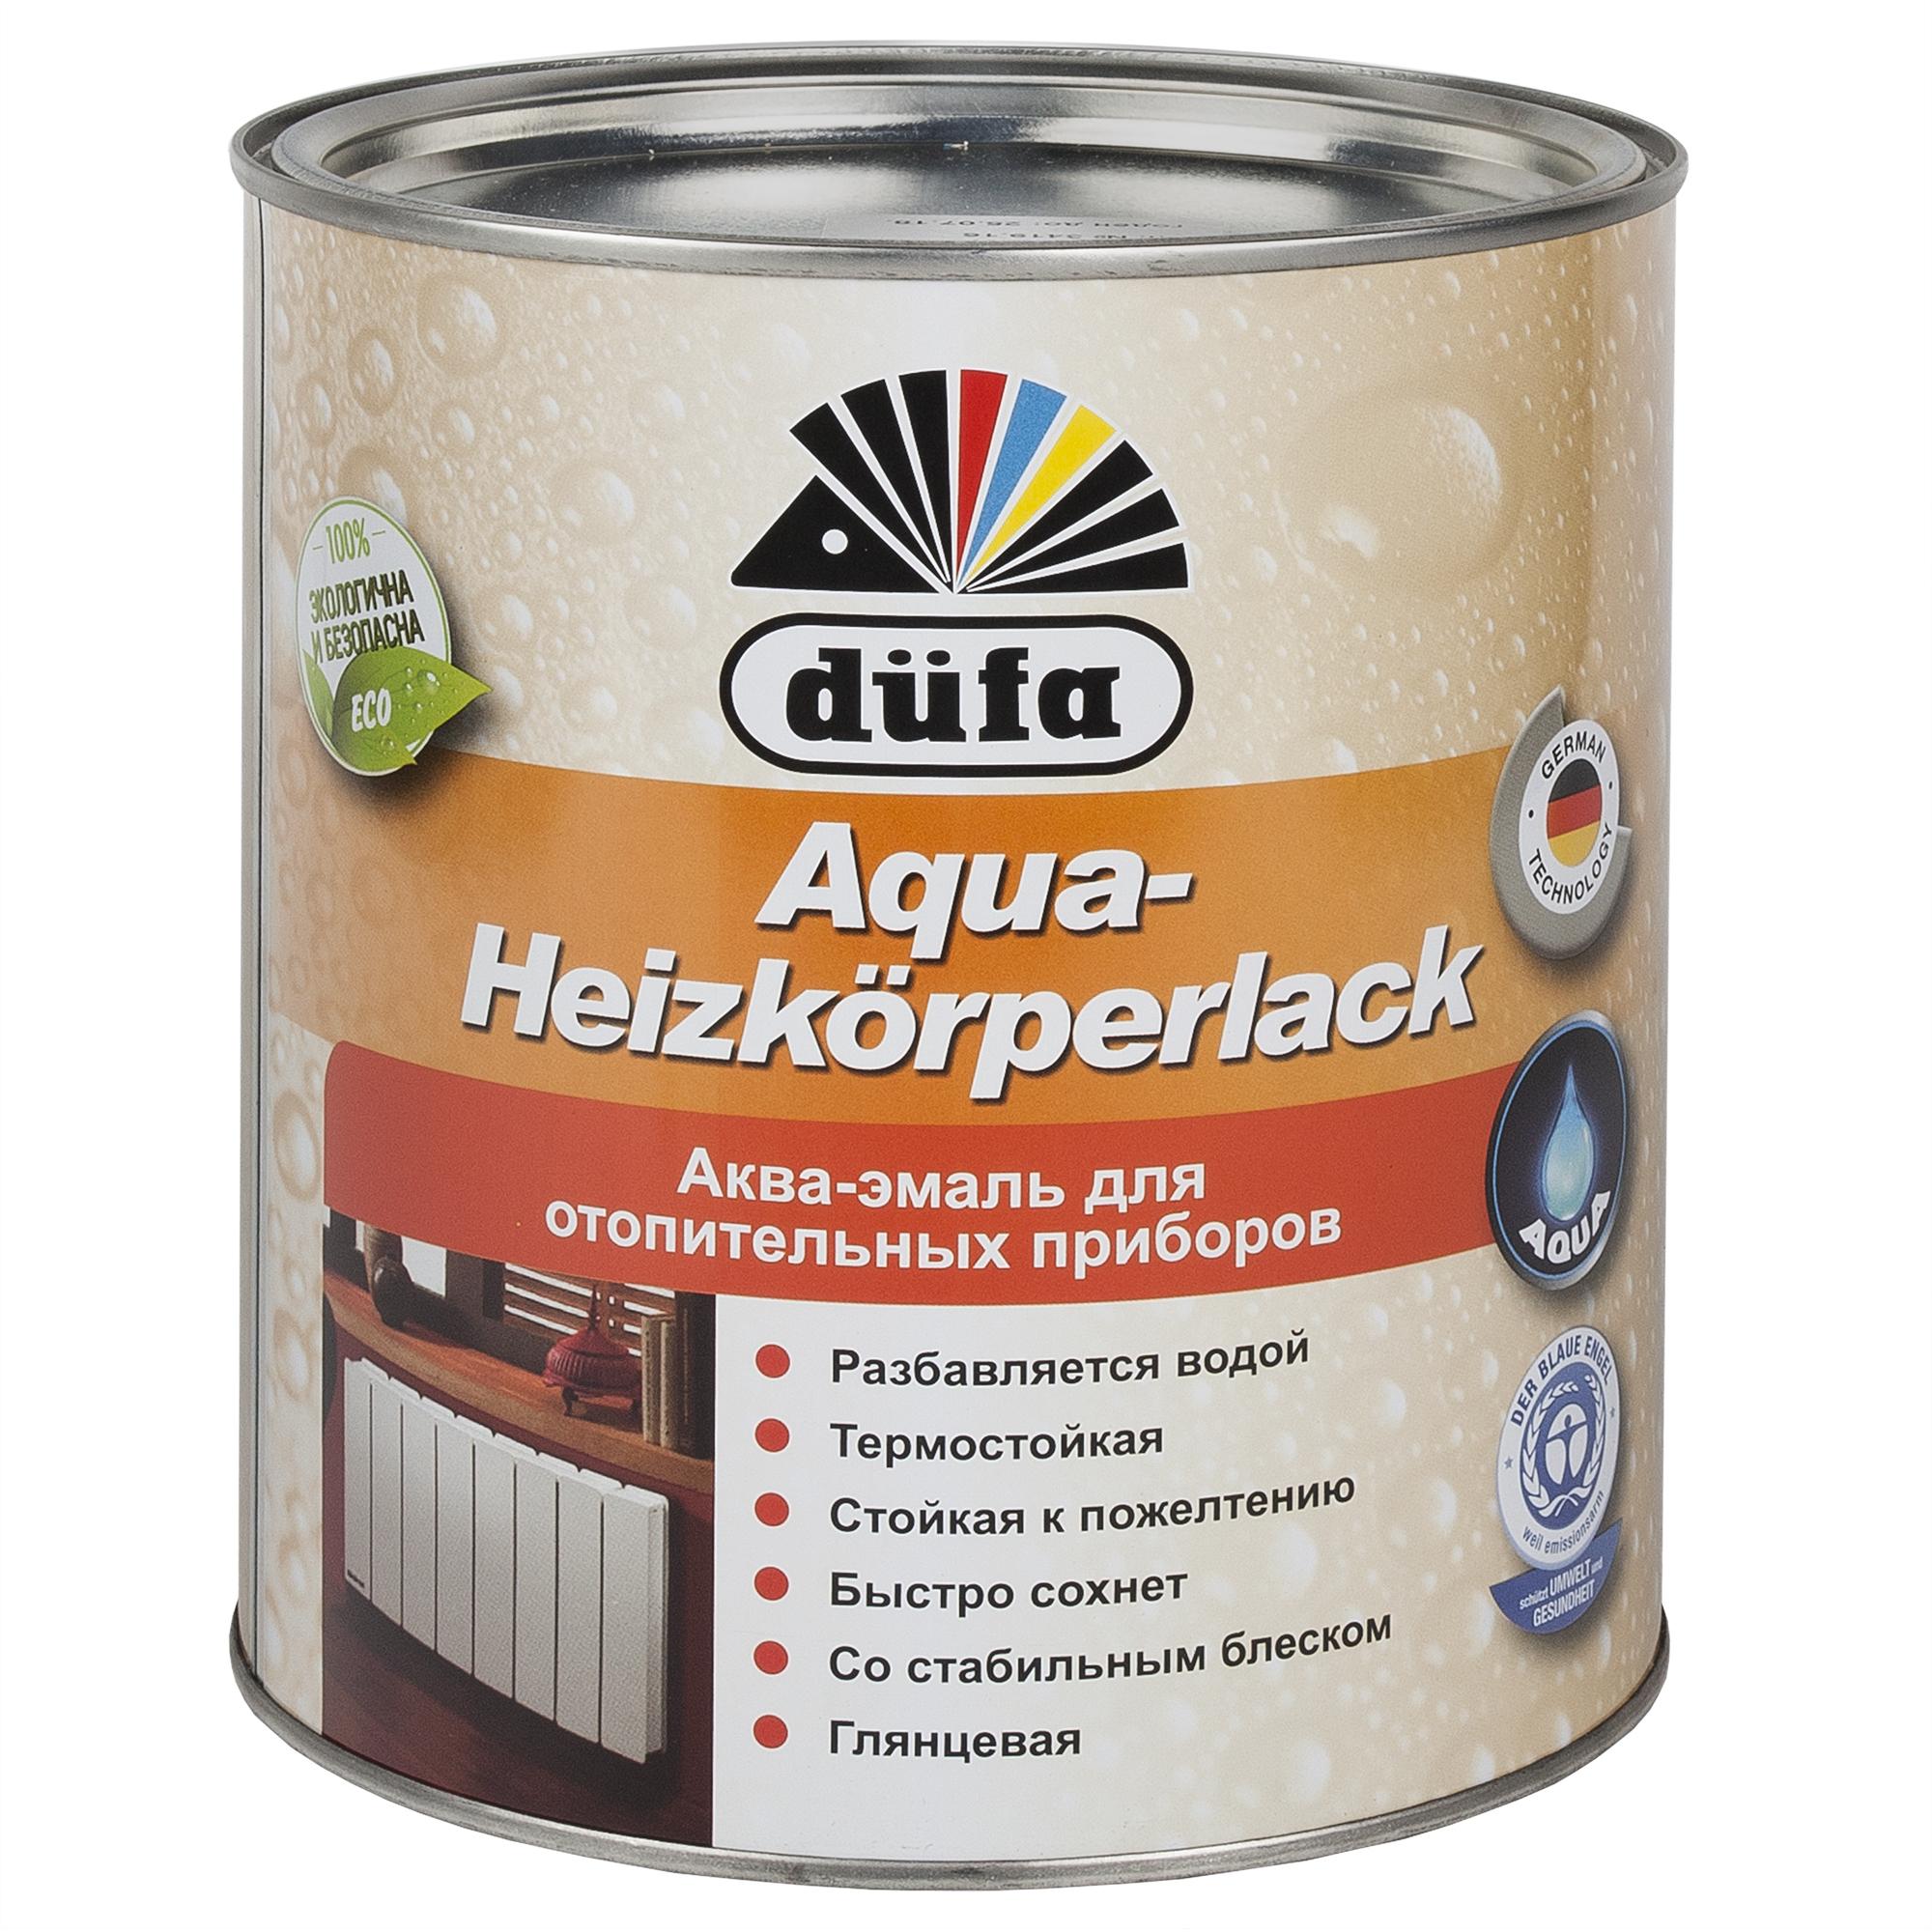 Акрилдік шайыр негізді су қосып сұйылтылатын эмаль: Dufa Aqua-Heizkorperlack радиаторларға арналған эмаль, ақ түсті, 2,5 л